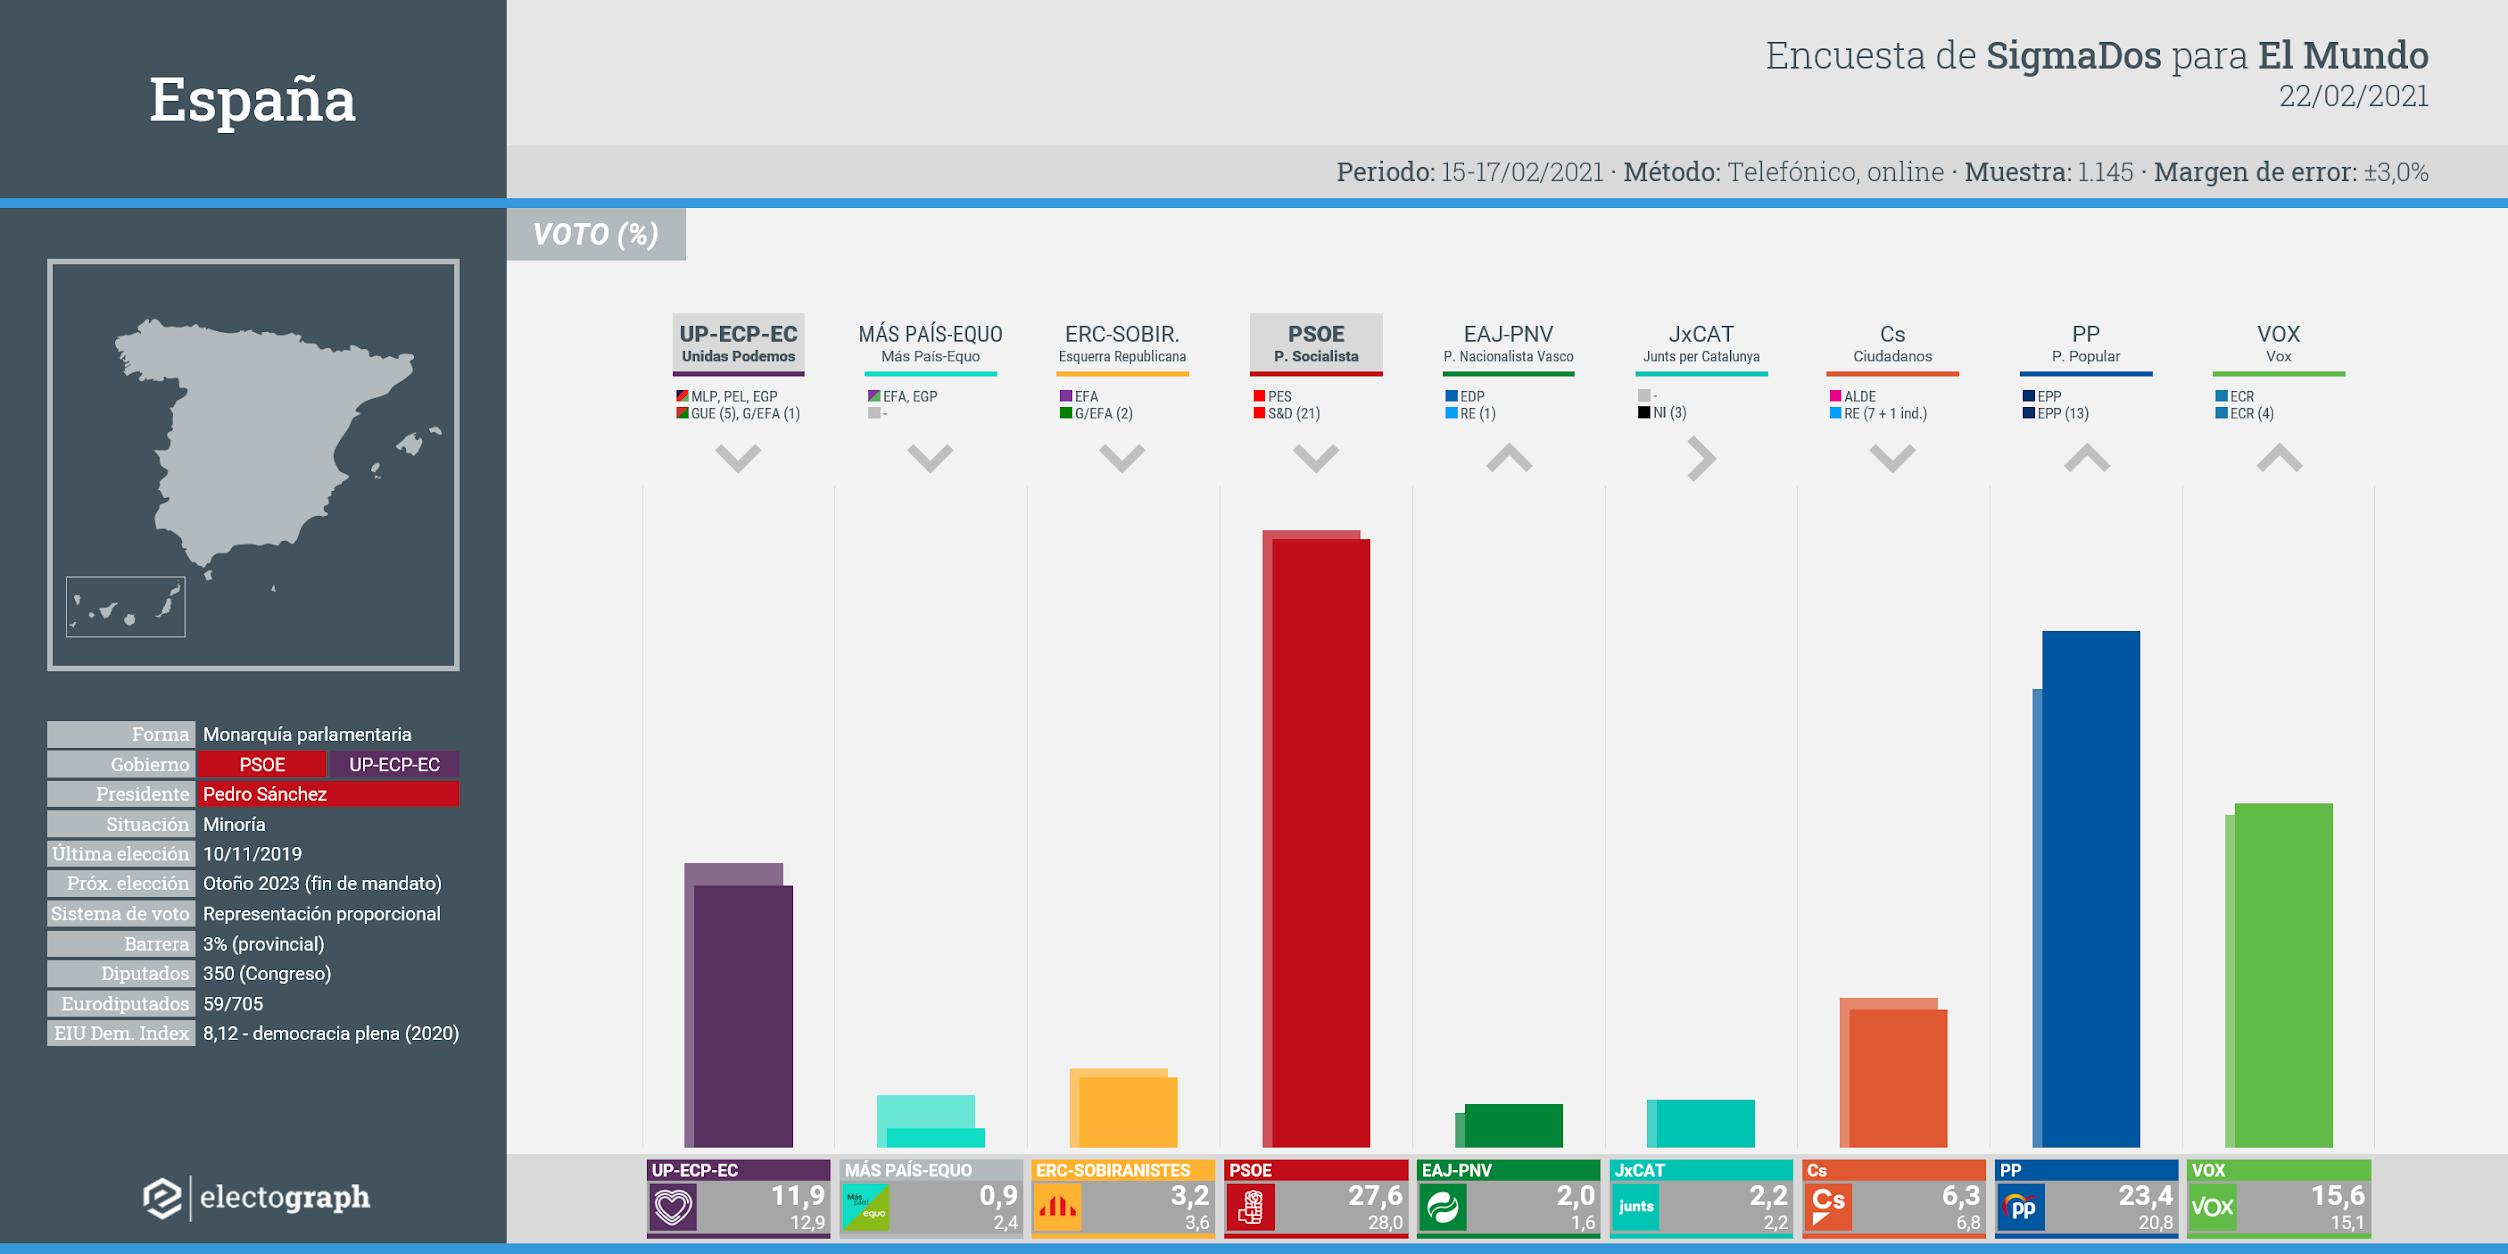 Gráfico de la encuesta para elecciones generales en España realizada por SigmaDos para El Mundo, 22 de febrero de 2021